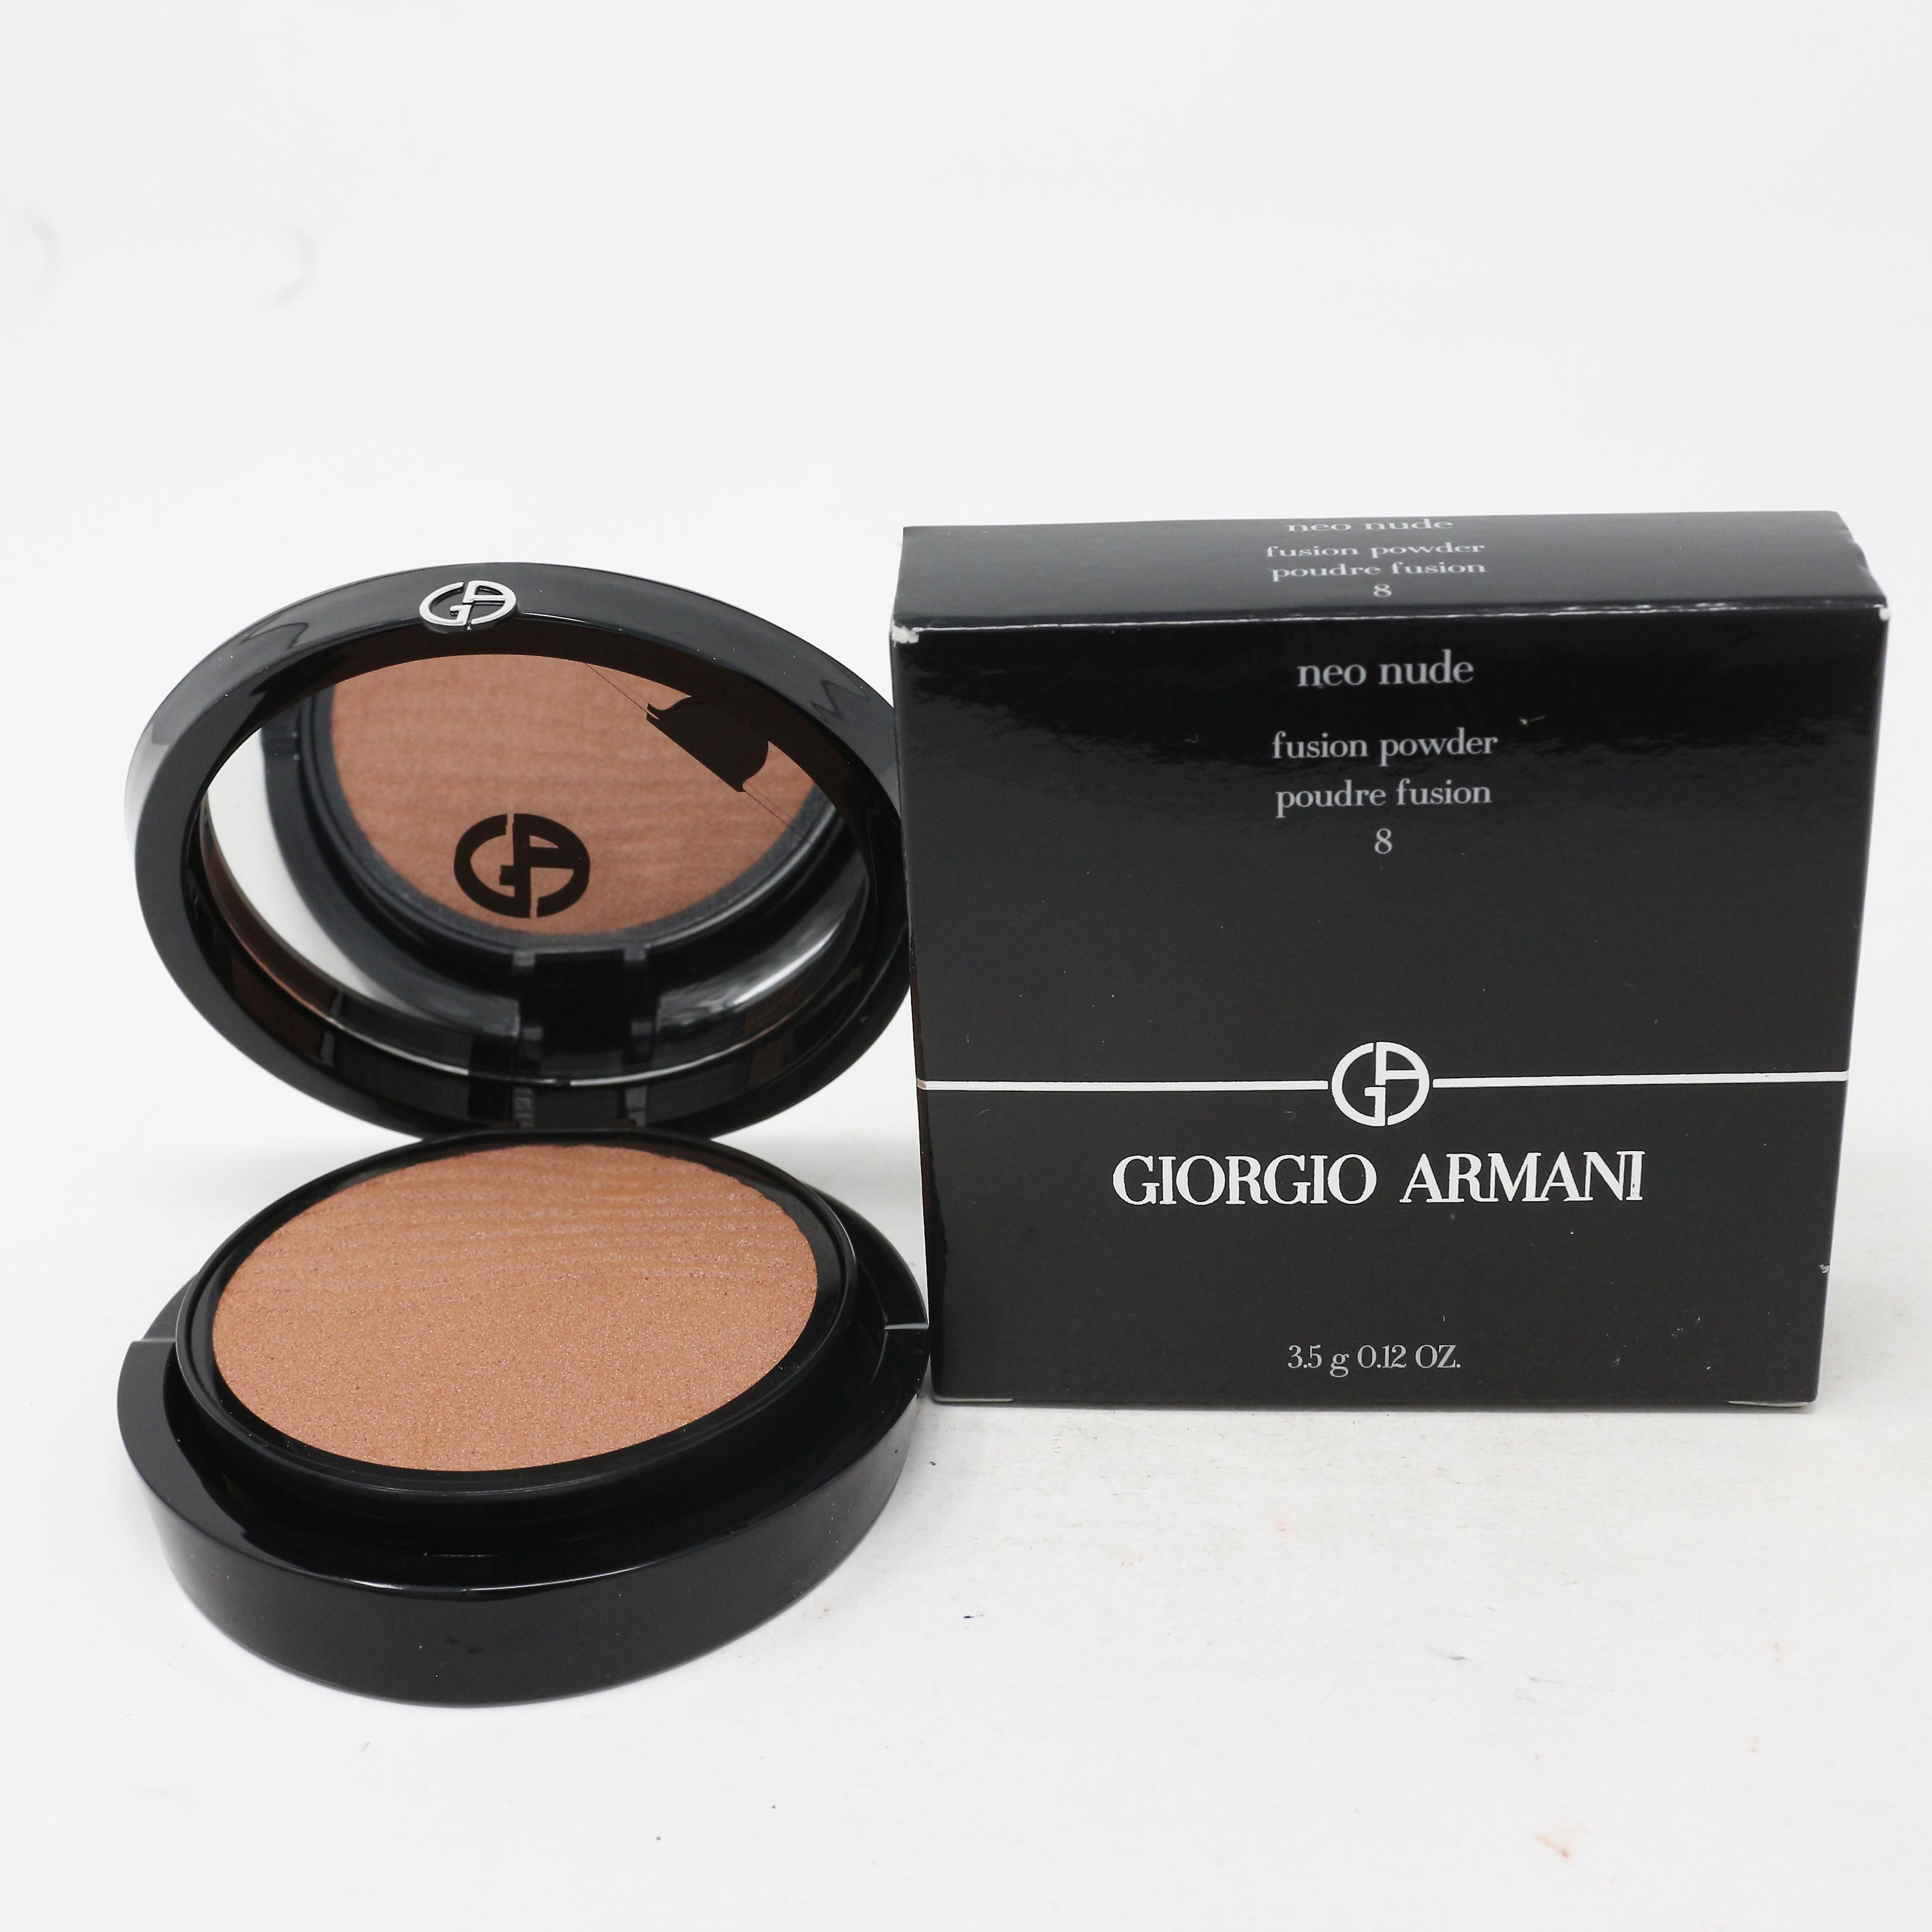 Buy Giorgio Armani Neo Nude Fusion Powder 0.12oz/3.5g New